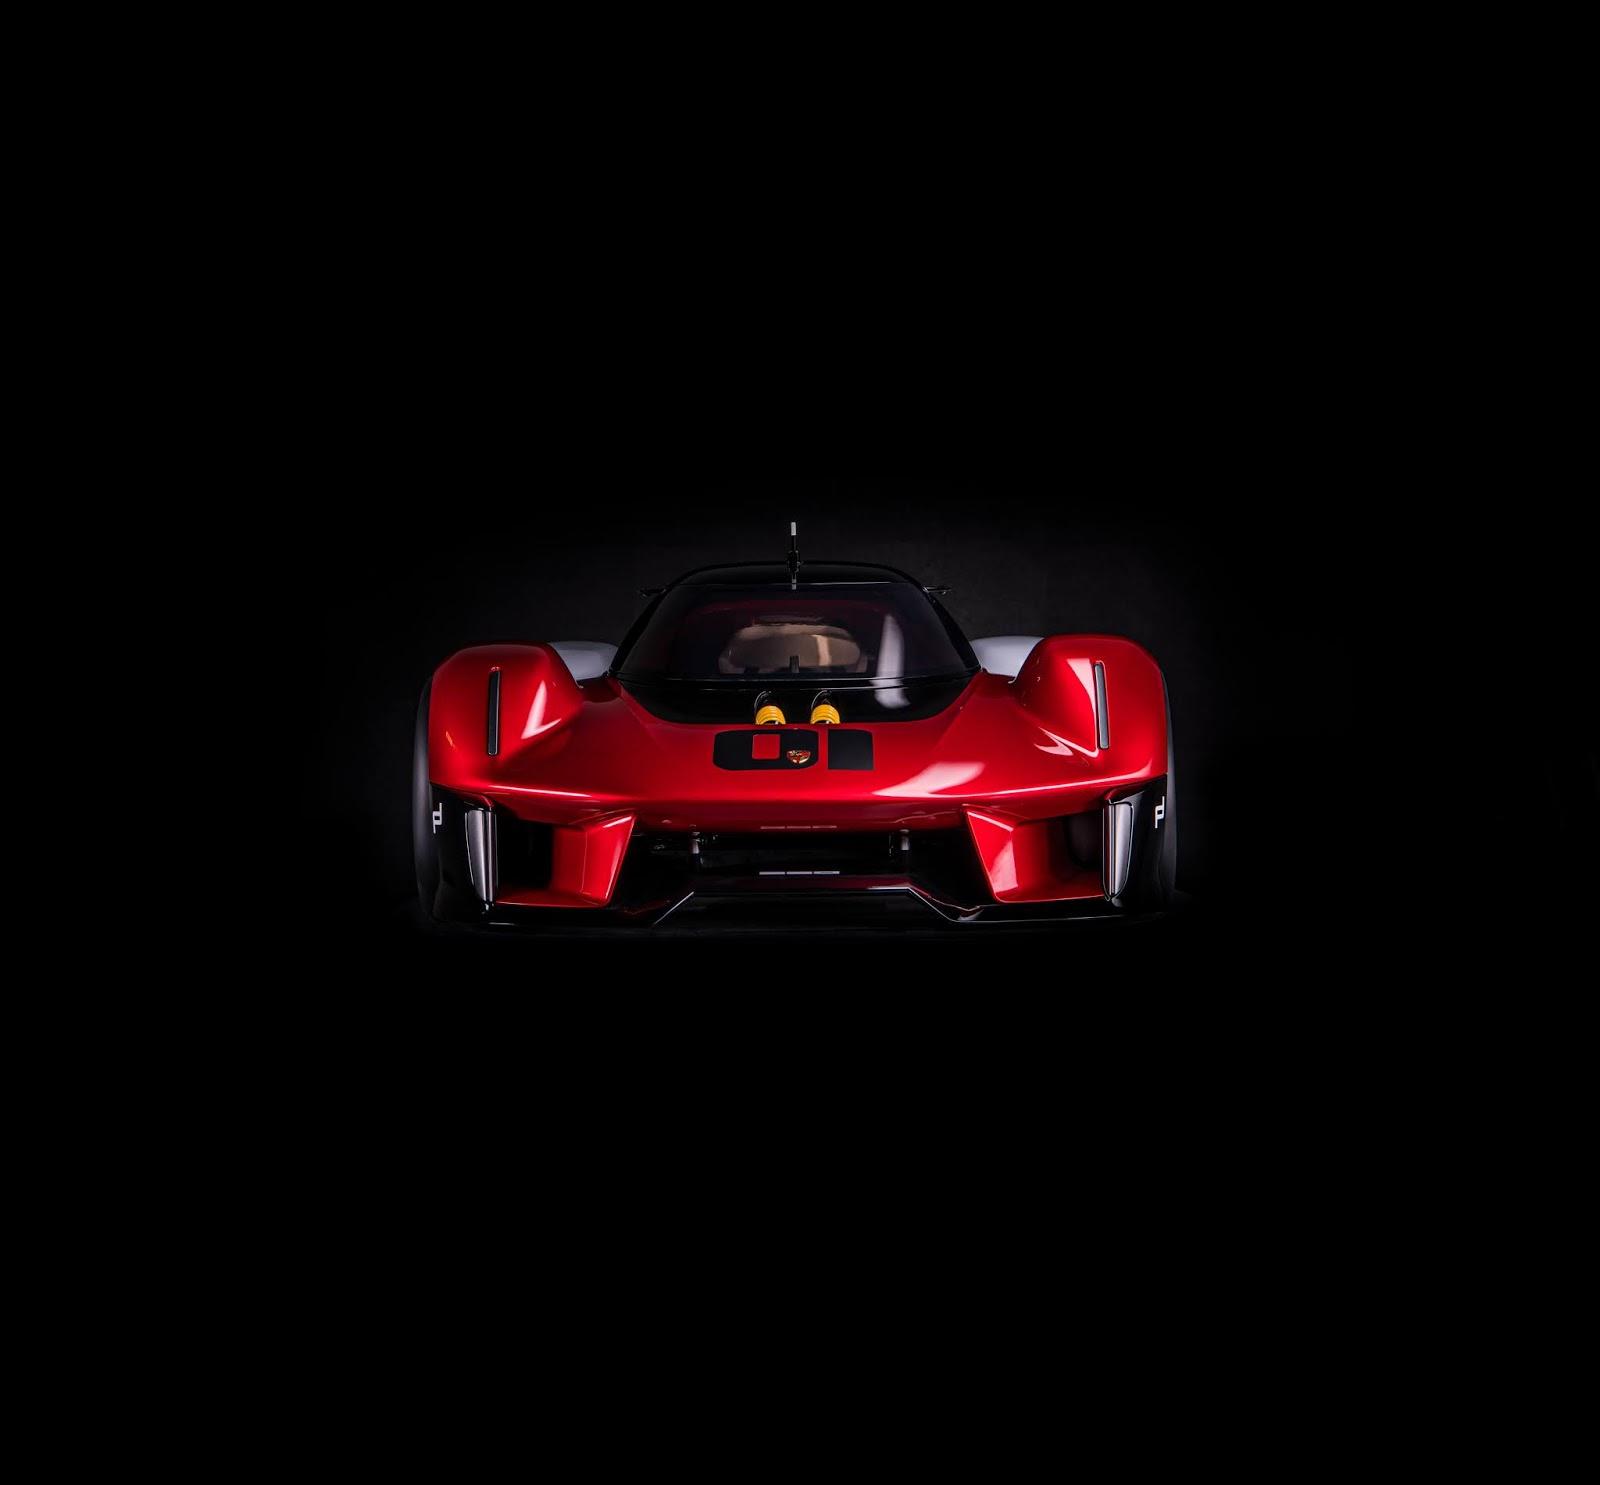 Capture0012 2 Τα άγνωστα Hypercars της Porsche hypercar, Porsche, Porsche Unseen, Sunday, supercar, supercars, zblog, ειδήσεις